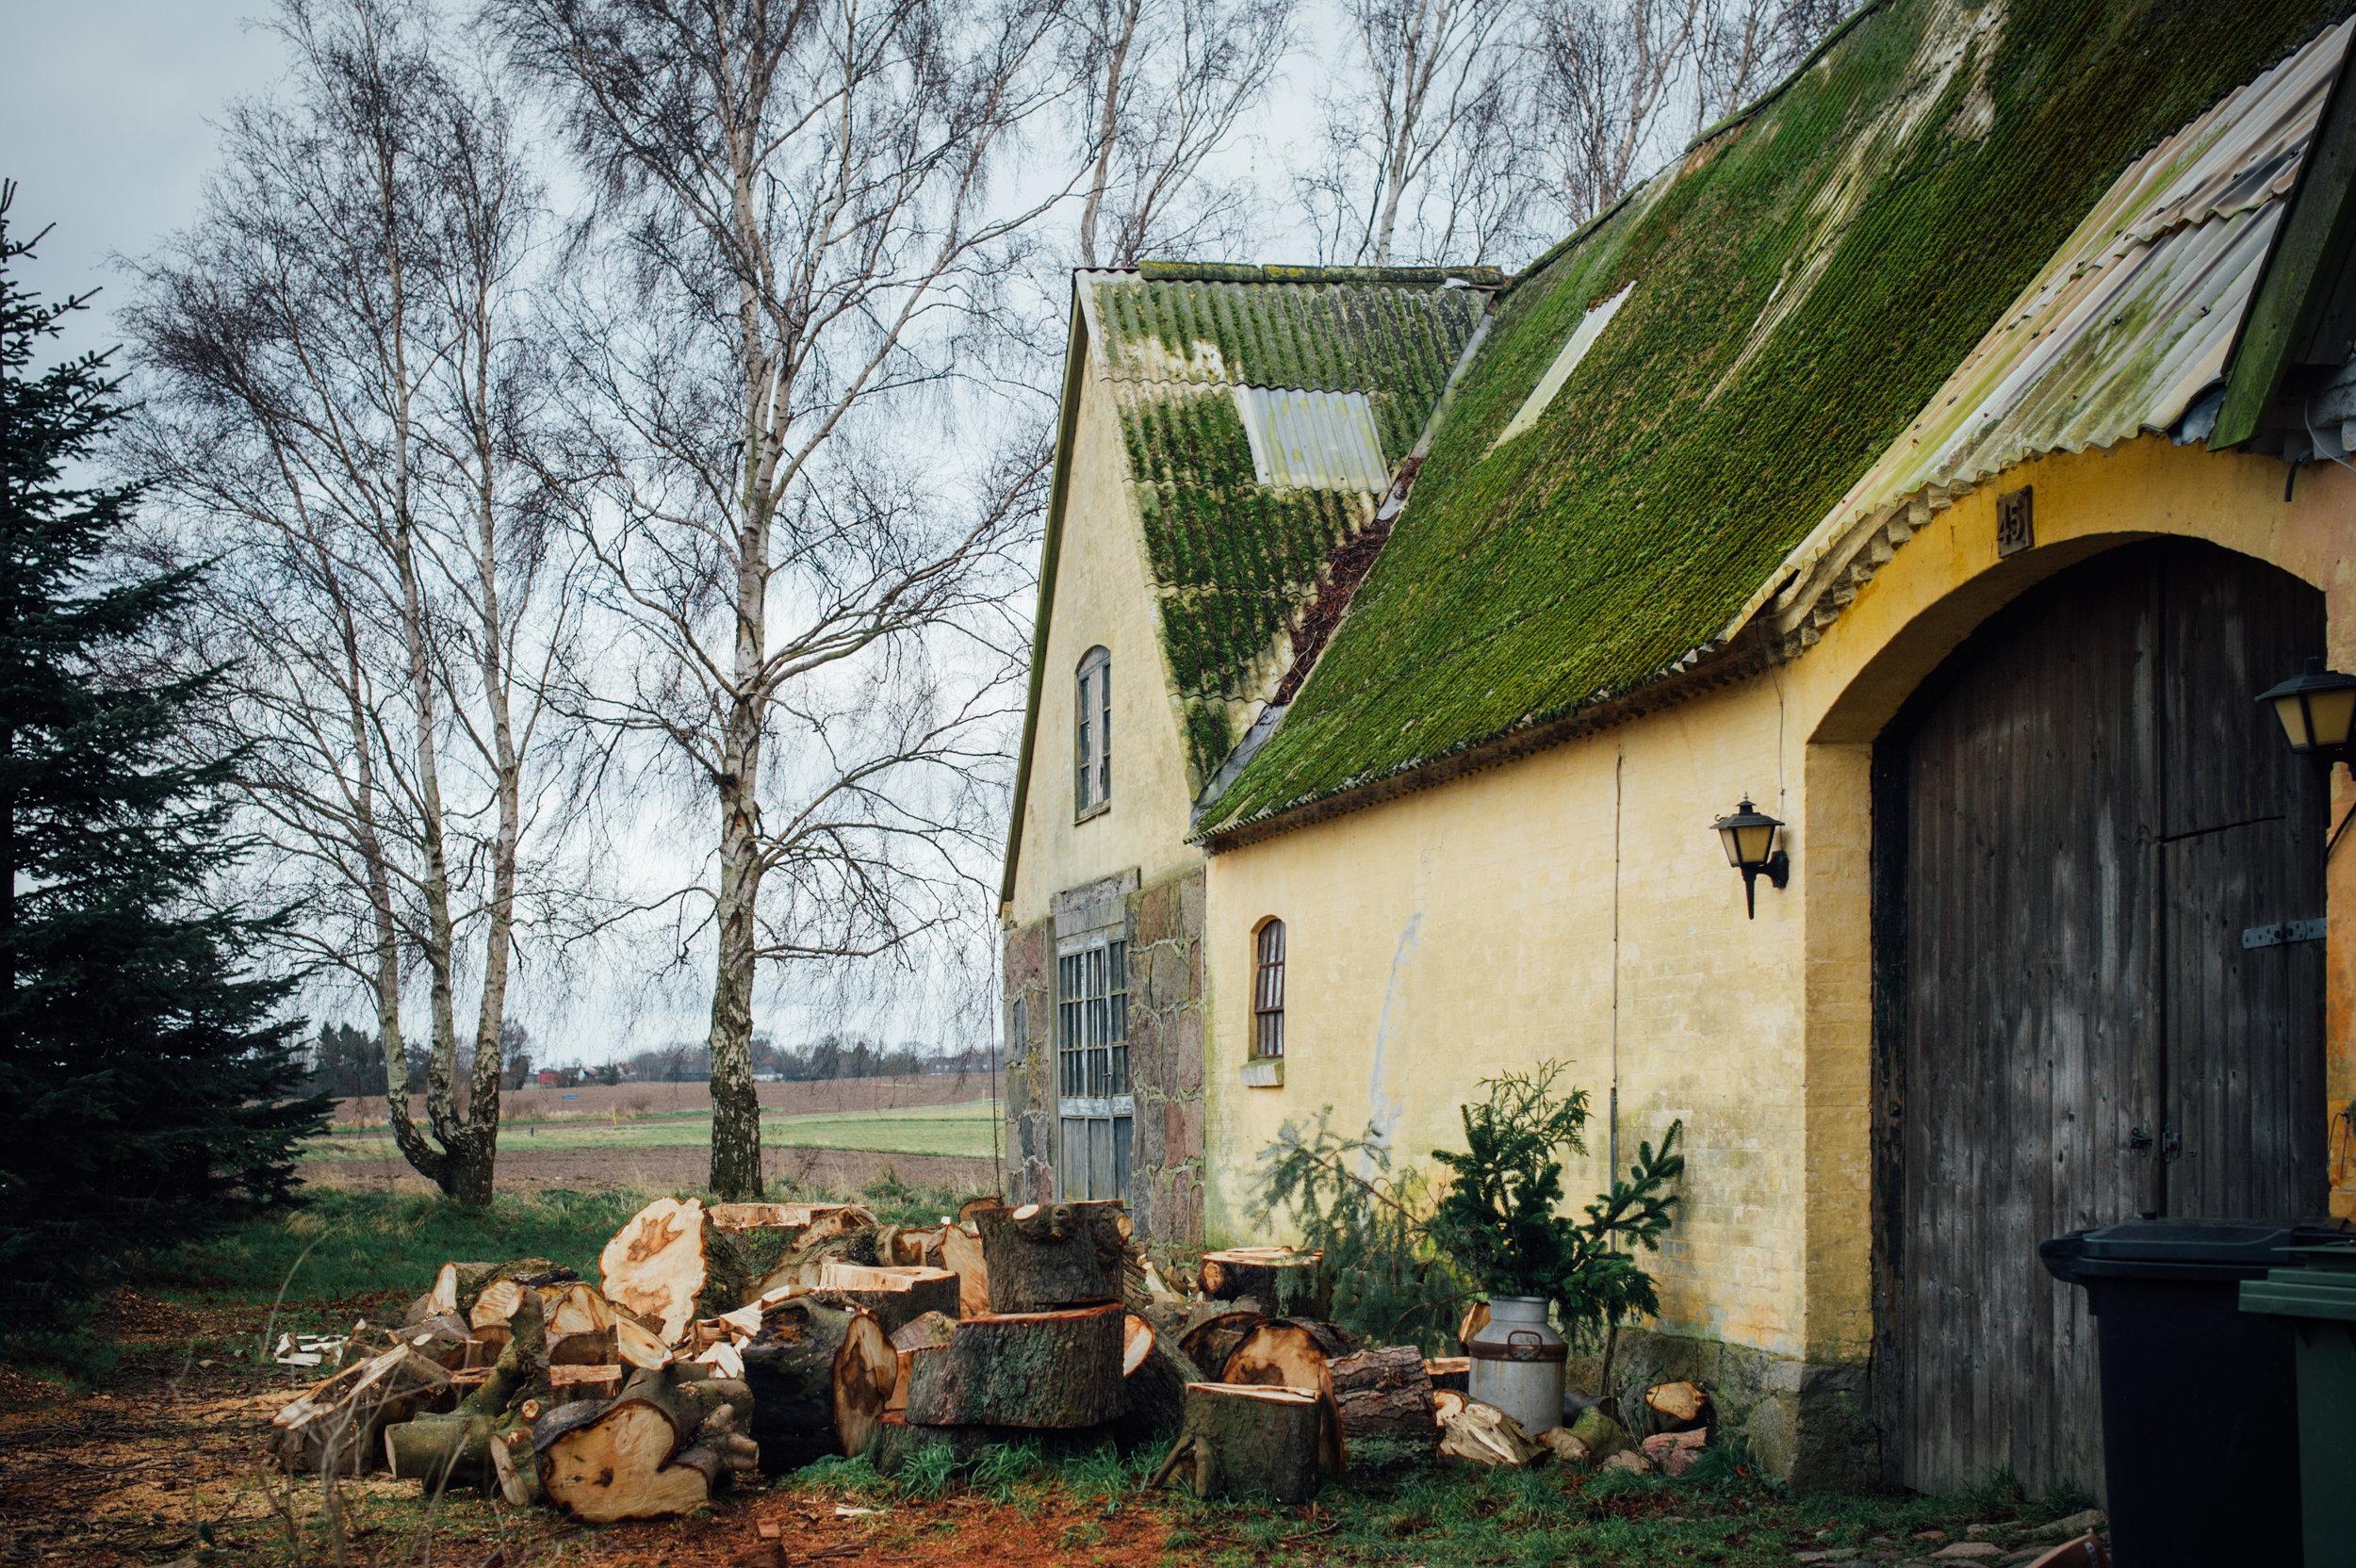 Der ligger træ overalt, taget ligner noget der er løgn og murene er trætte og misfarvede. (foto: fra januar 2018 af maivanilli.dk)